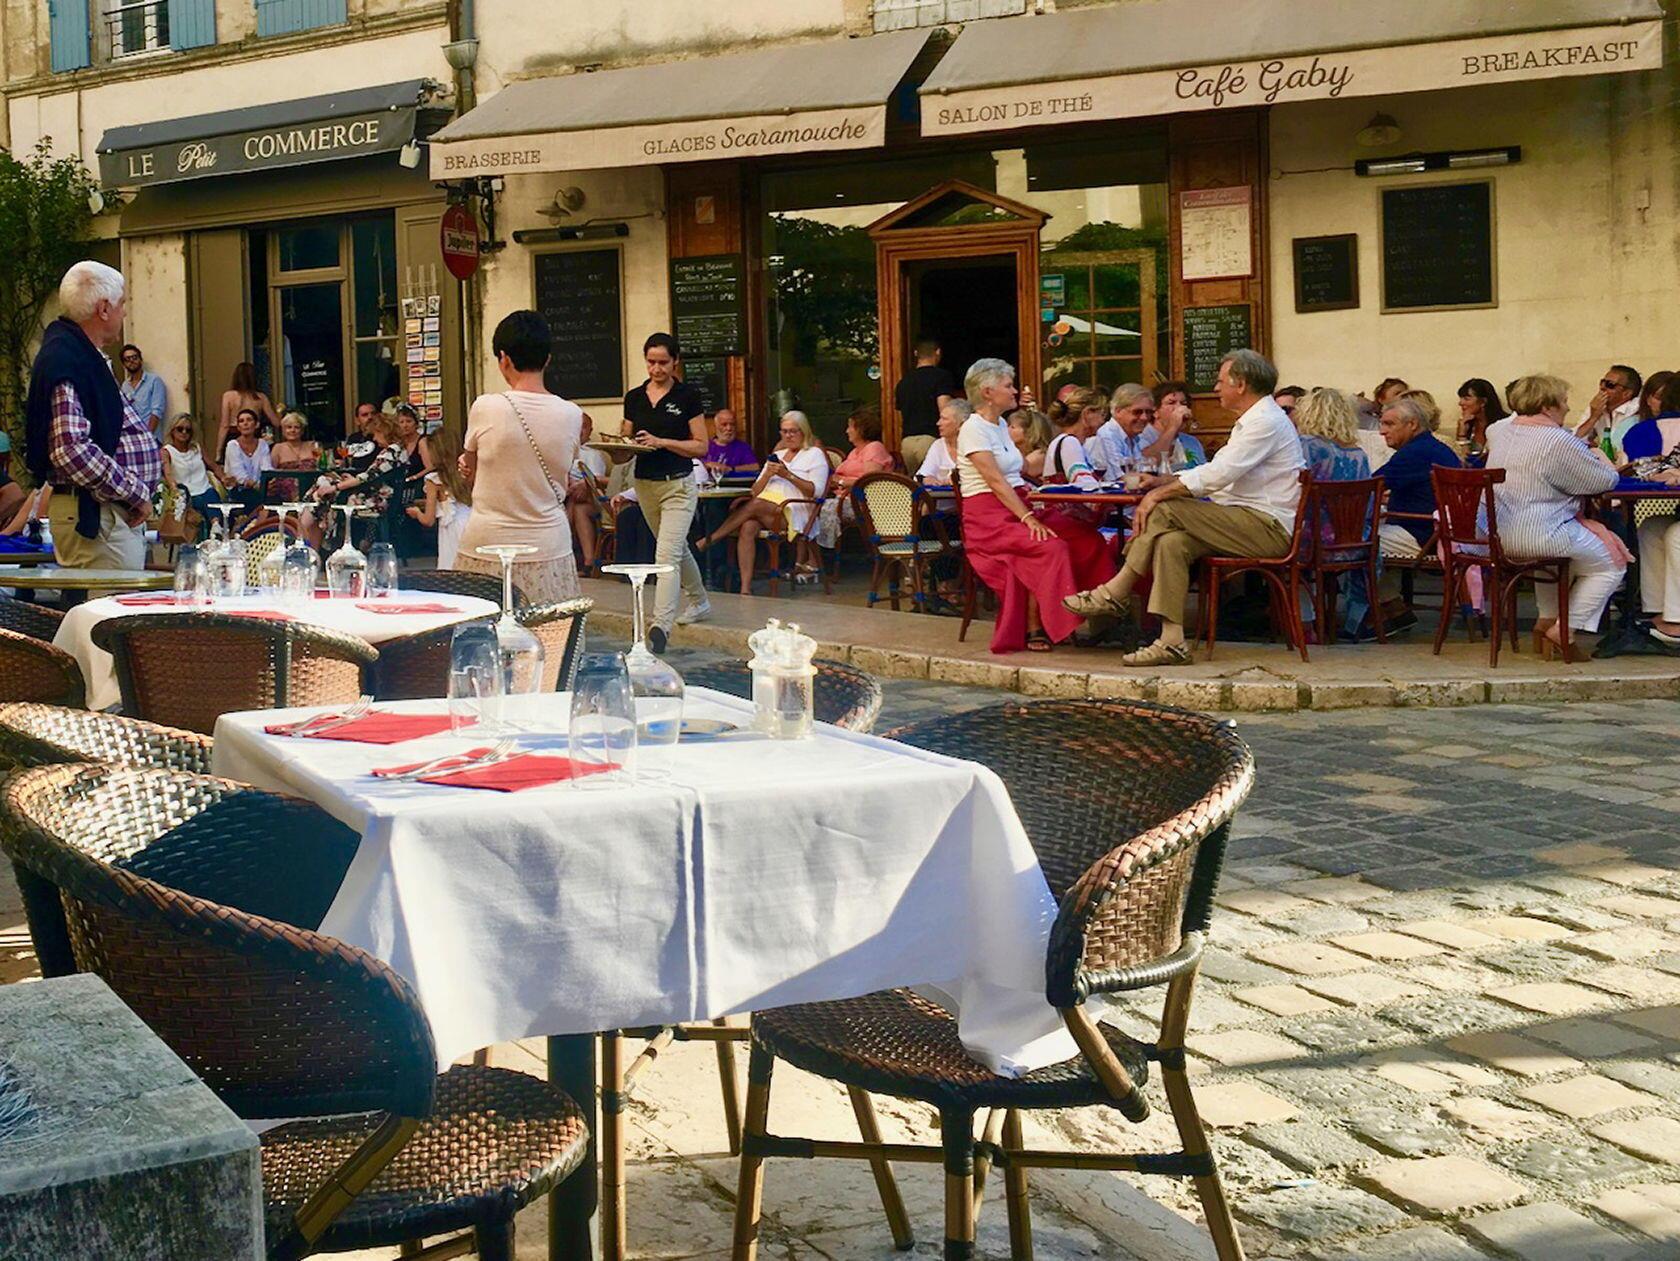 Cafe Gaby Lourmarin Fridays Market Day